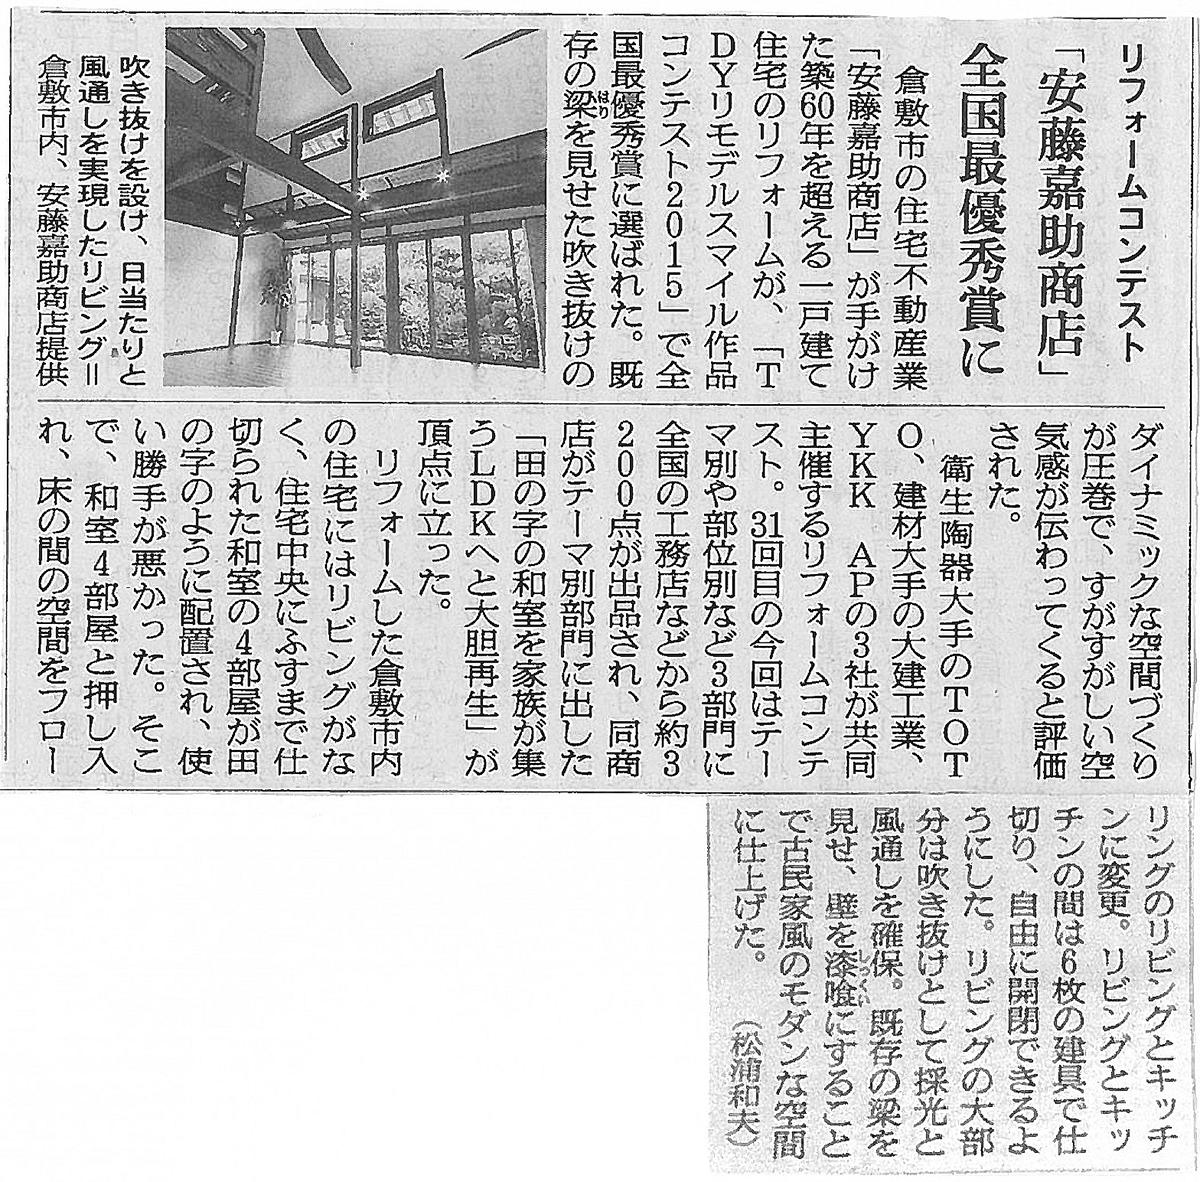 朝日新聞 2016.2.9号